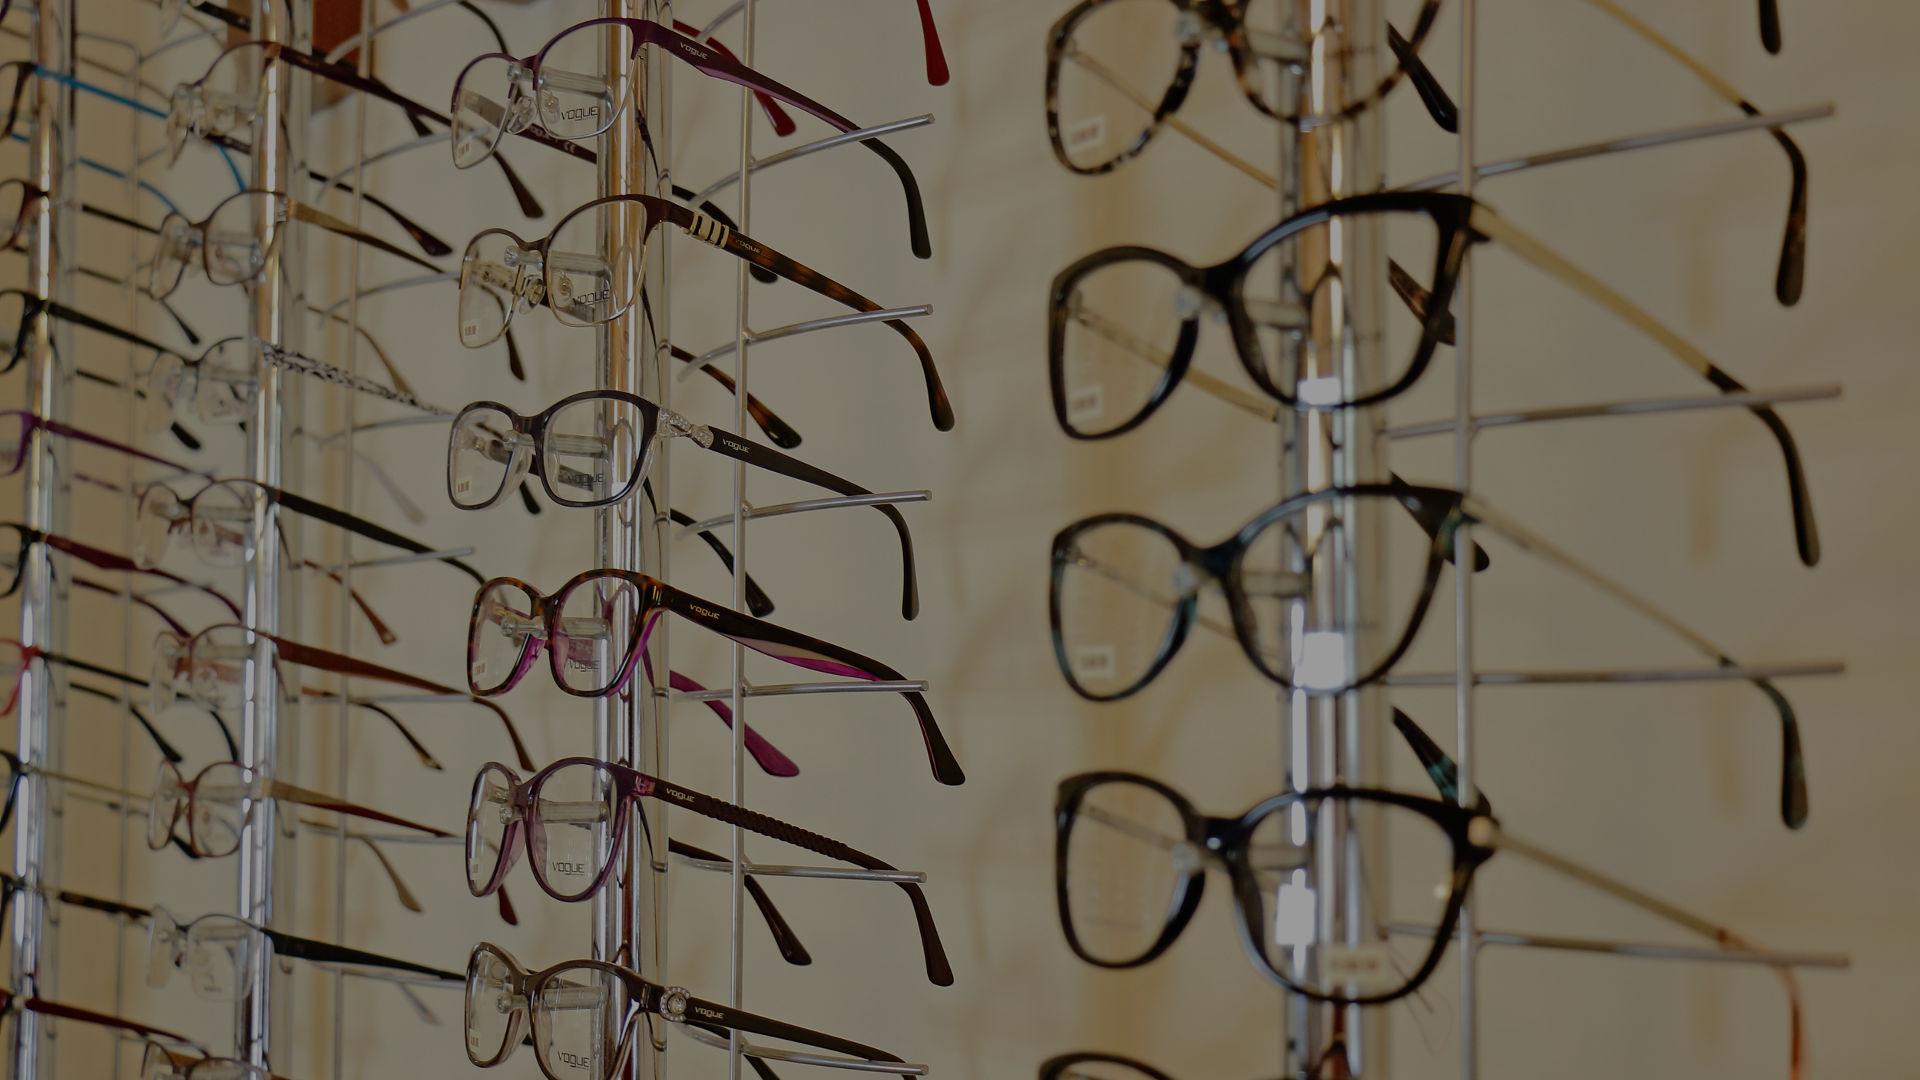 hogyan tűrje el a gyenge látást